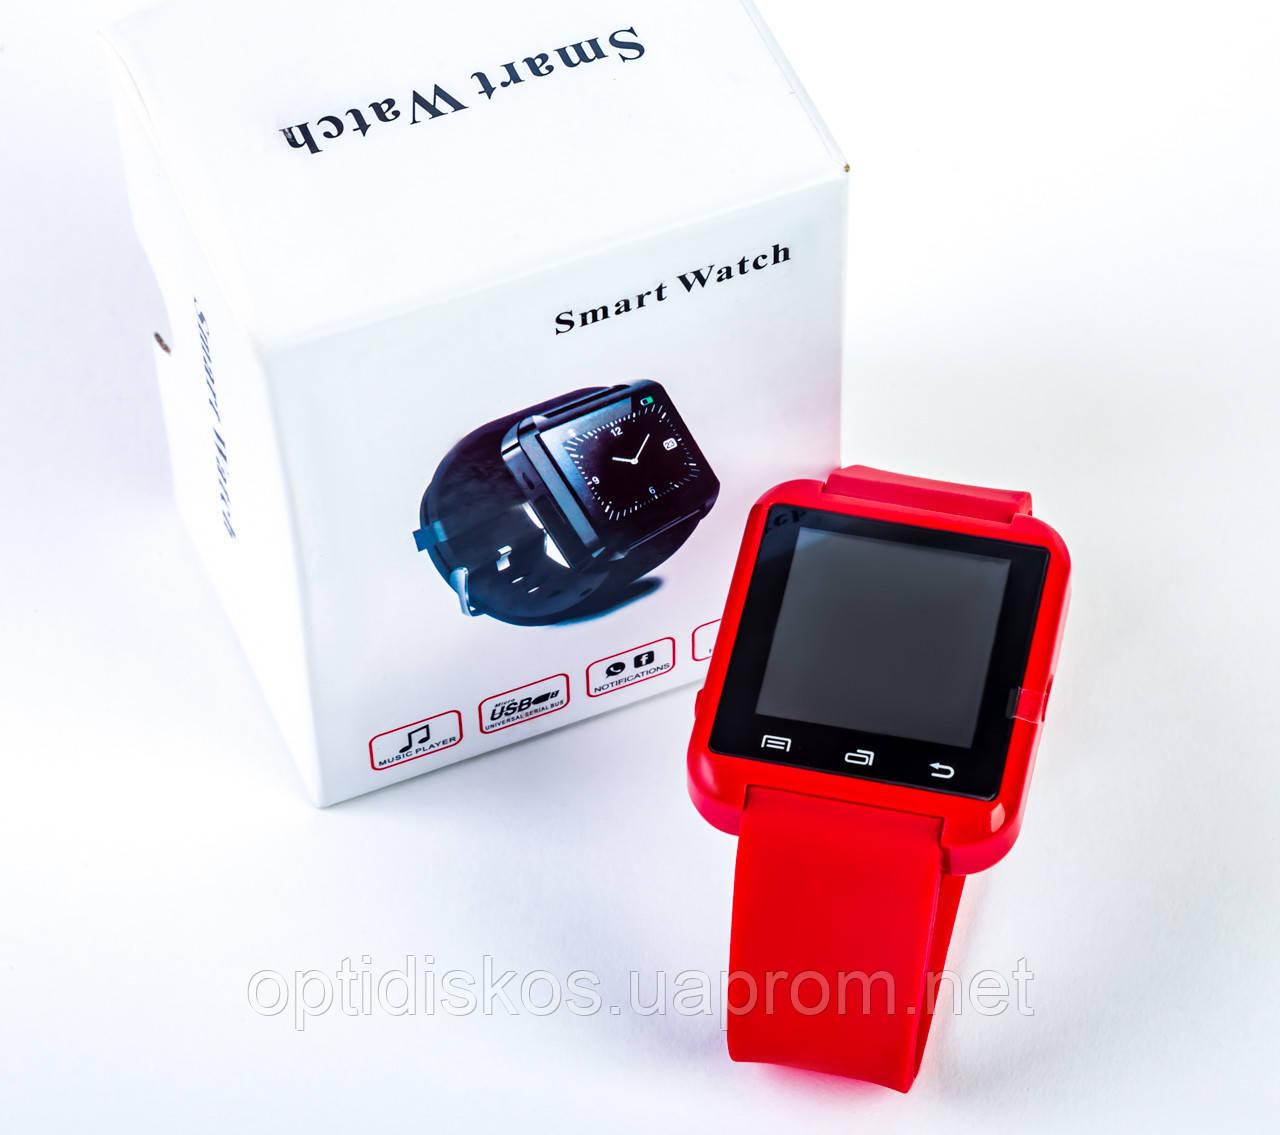 Уценка! Под замену АКБ! Смарт часы U8 с Bluetooth и шагомером, красные